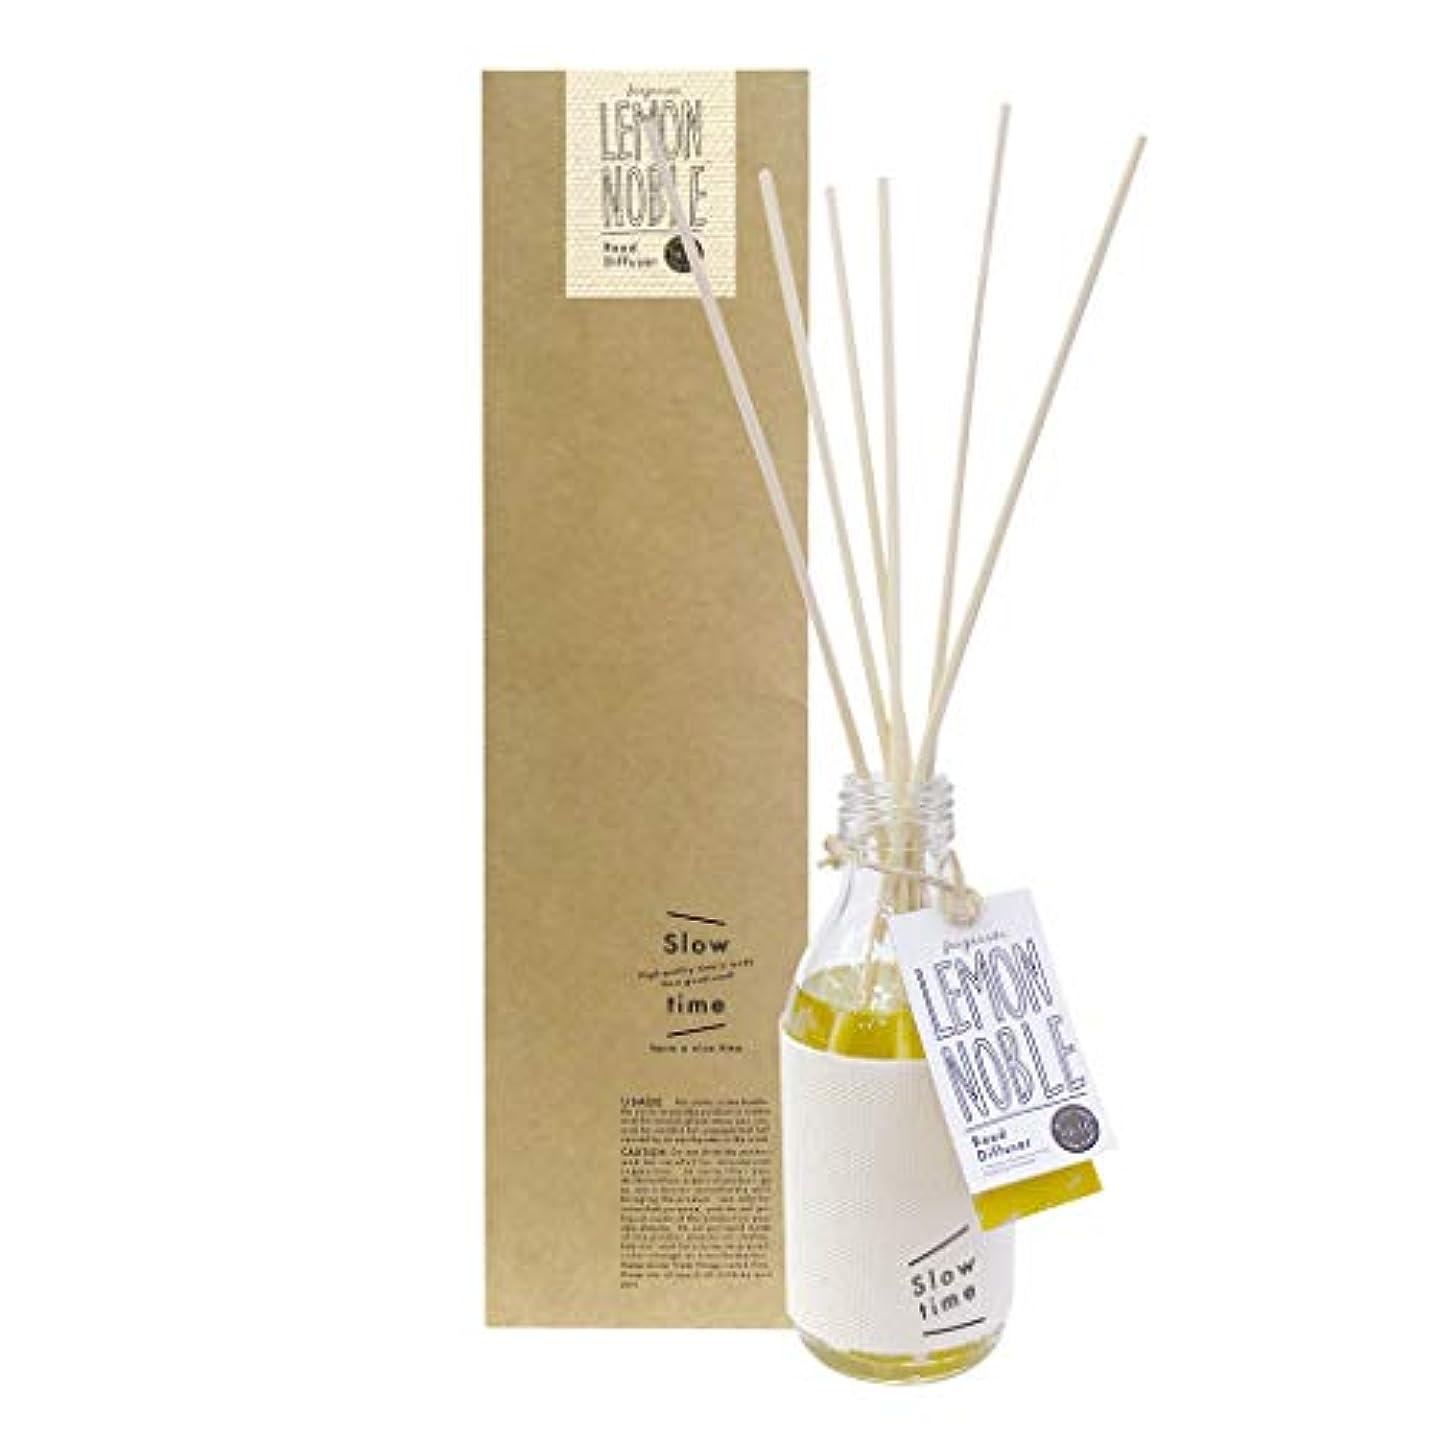 不快な物語慎重ノルコーポレーション リードディフューザー スロータイム レモンノーブル 柑橘とスパイスの香り 150ml SWT-1-01